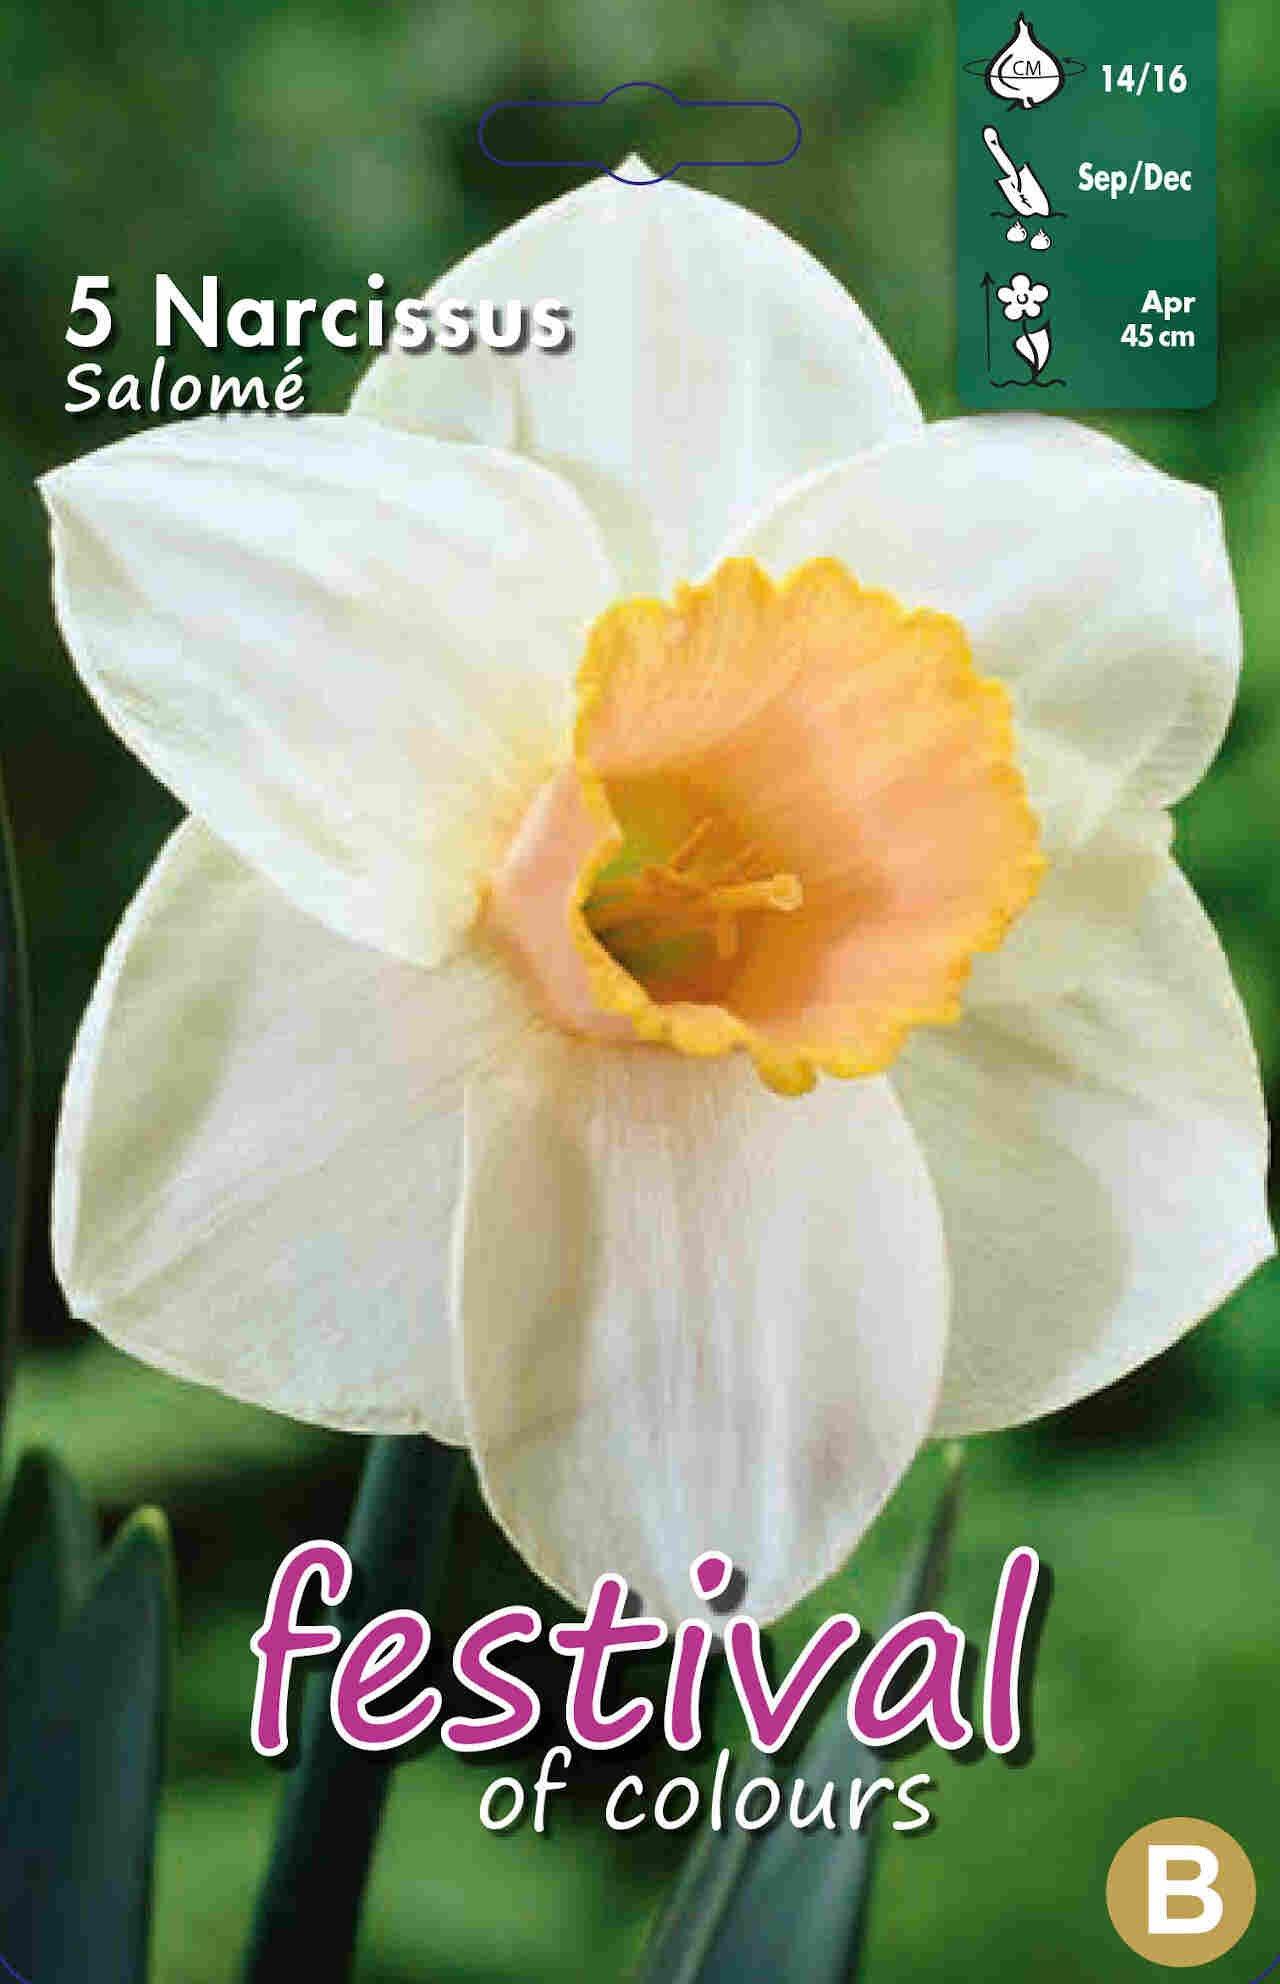 Påskeliljeløg - Narcissus Salomé 14/16